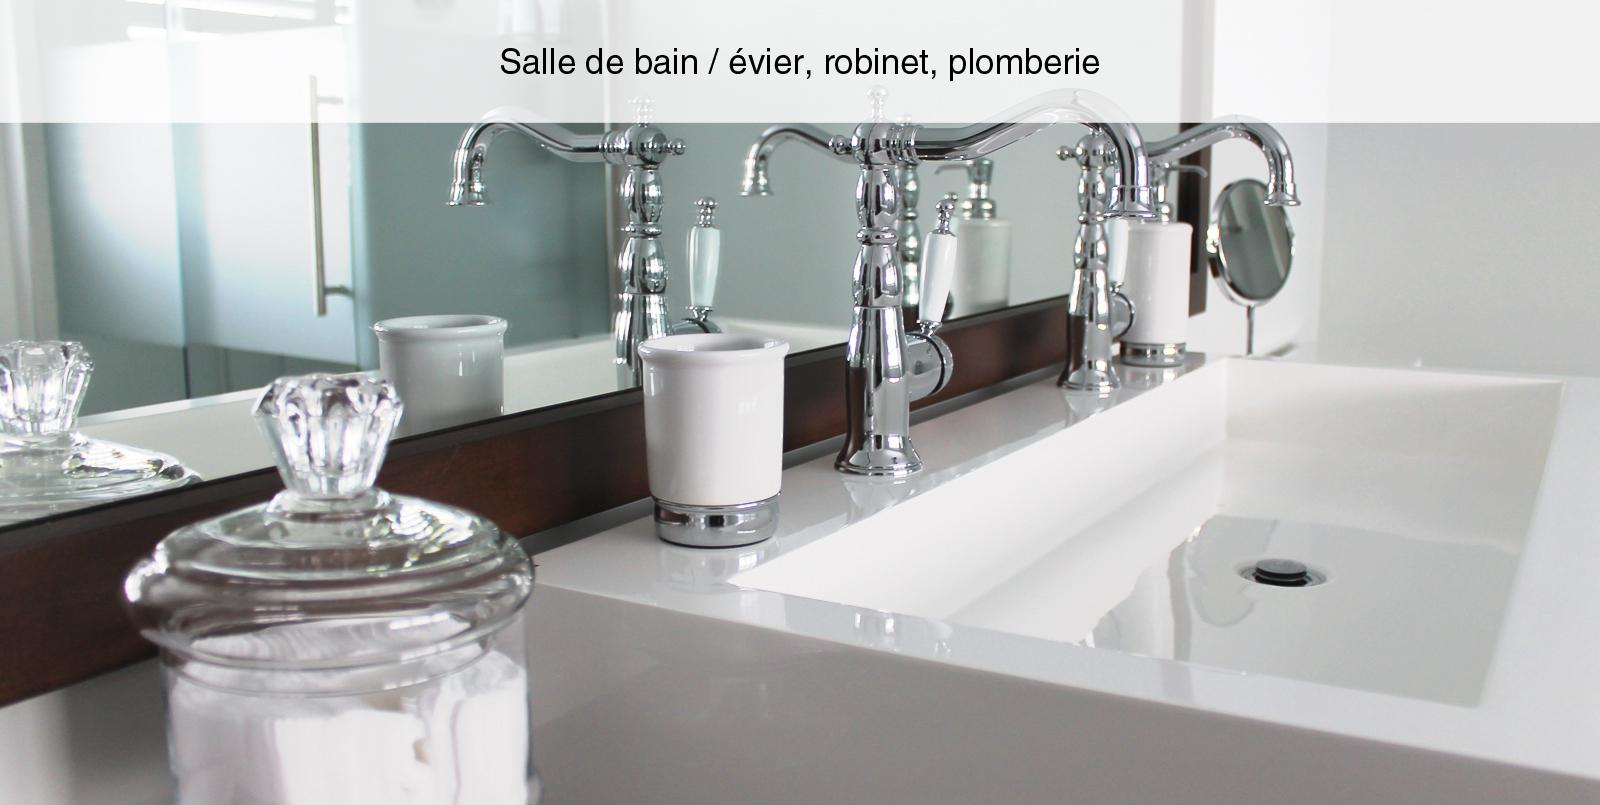 12-1-PANACHE-CONSTRUCTION-RENOVATION_SALLE-DE-BAIN-EVIER-ROBINET-PLOMBERIE